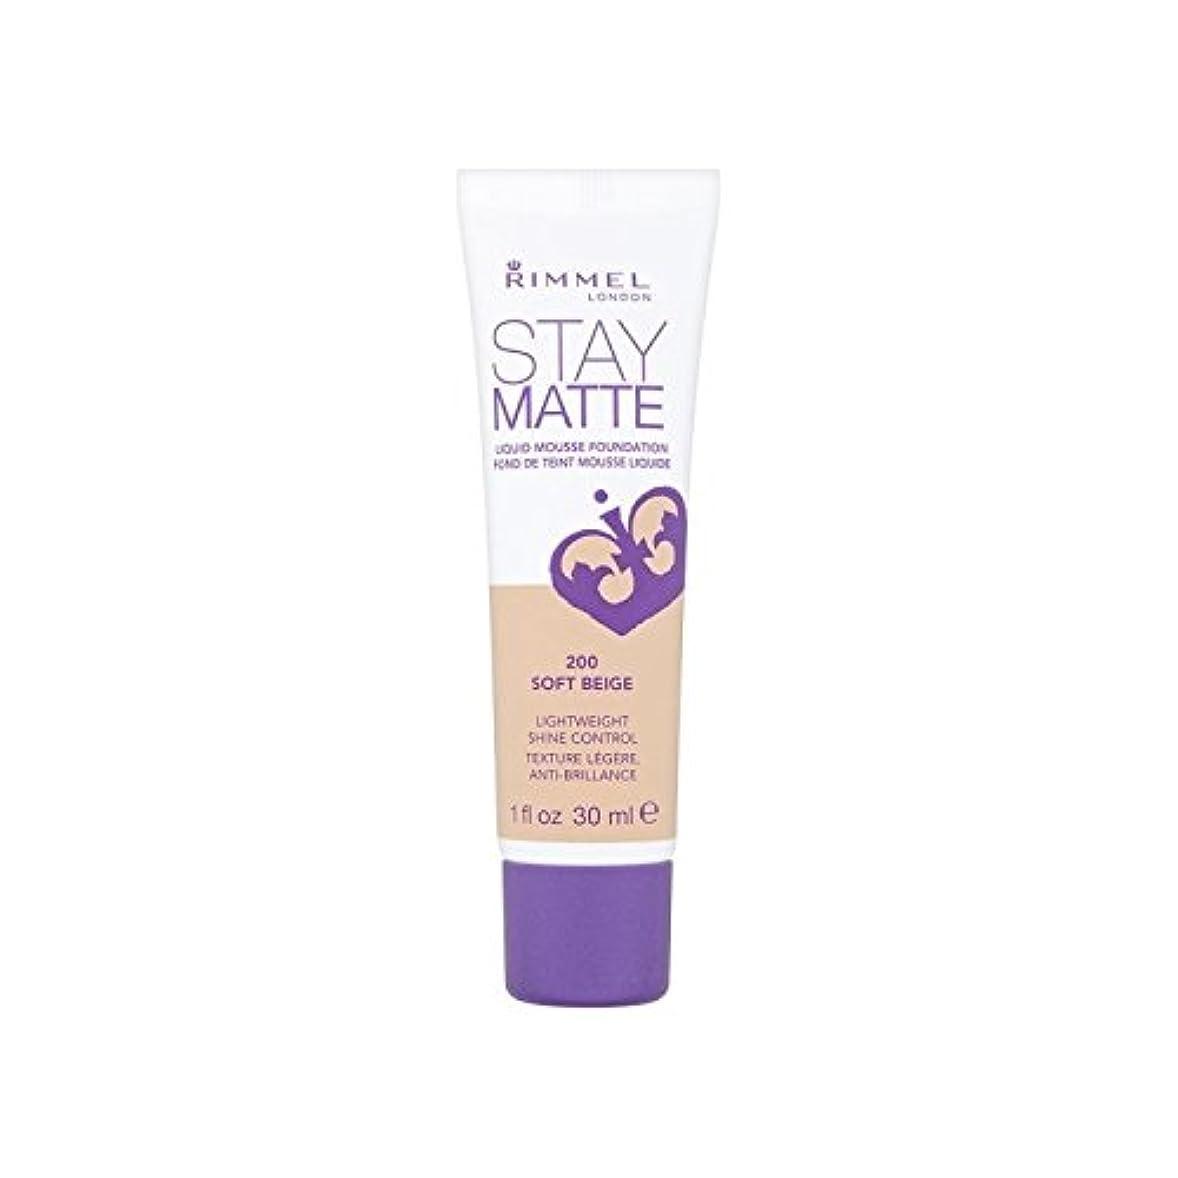 不規則な引き金養うRimmel Stay Matte Foundation Soft Beige (Pack of 6) - リンメルステイマット基盤ソフトベージュ x6 [並行輸入品]